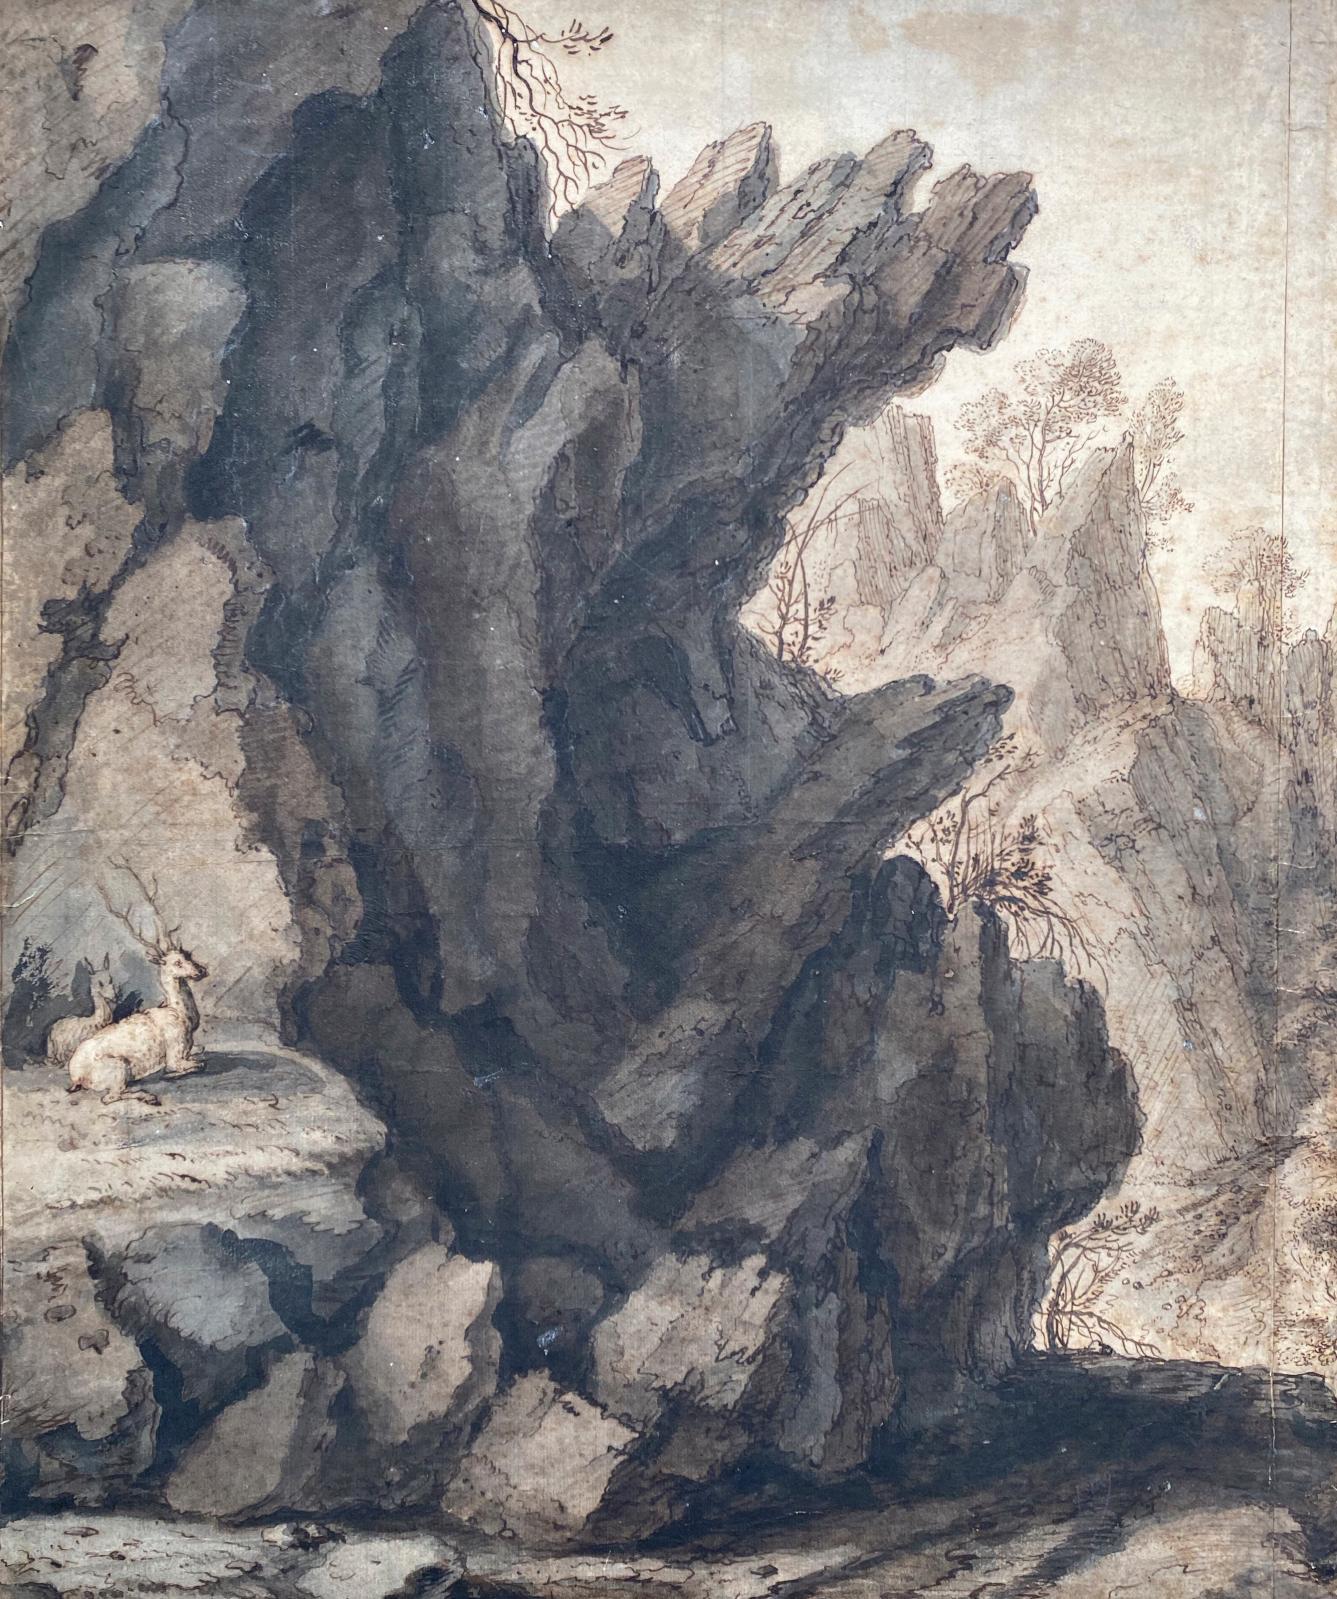 Lambert Doomer (1624–1700), Mountain Landscape, pen and brown ink, grey and brown wash, 44 x 37 cm/17.32 x 14.56 in. Galerie Benjamin Peronnet. © Benjamin Peronnet, Paris